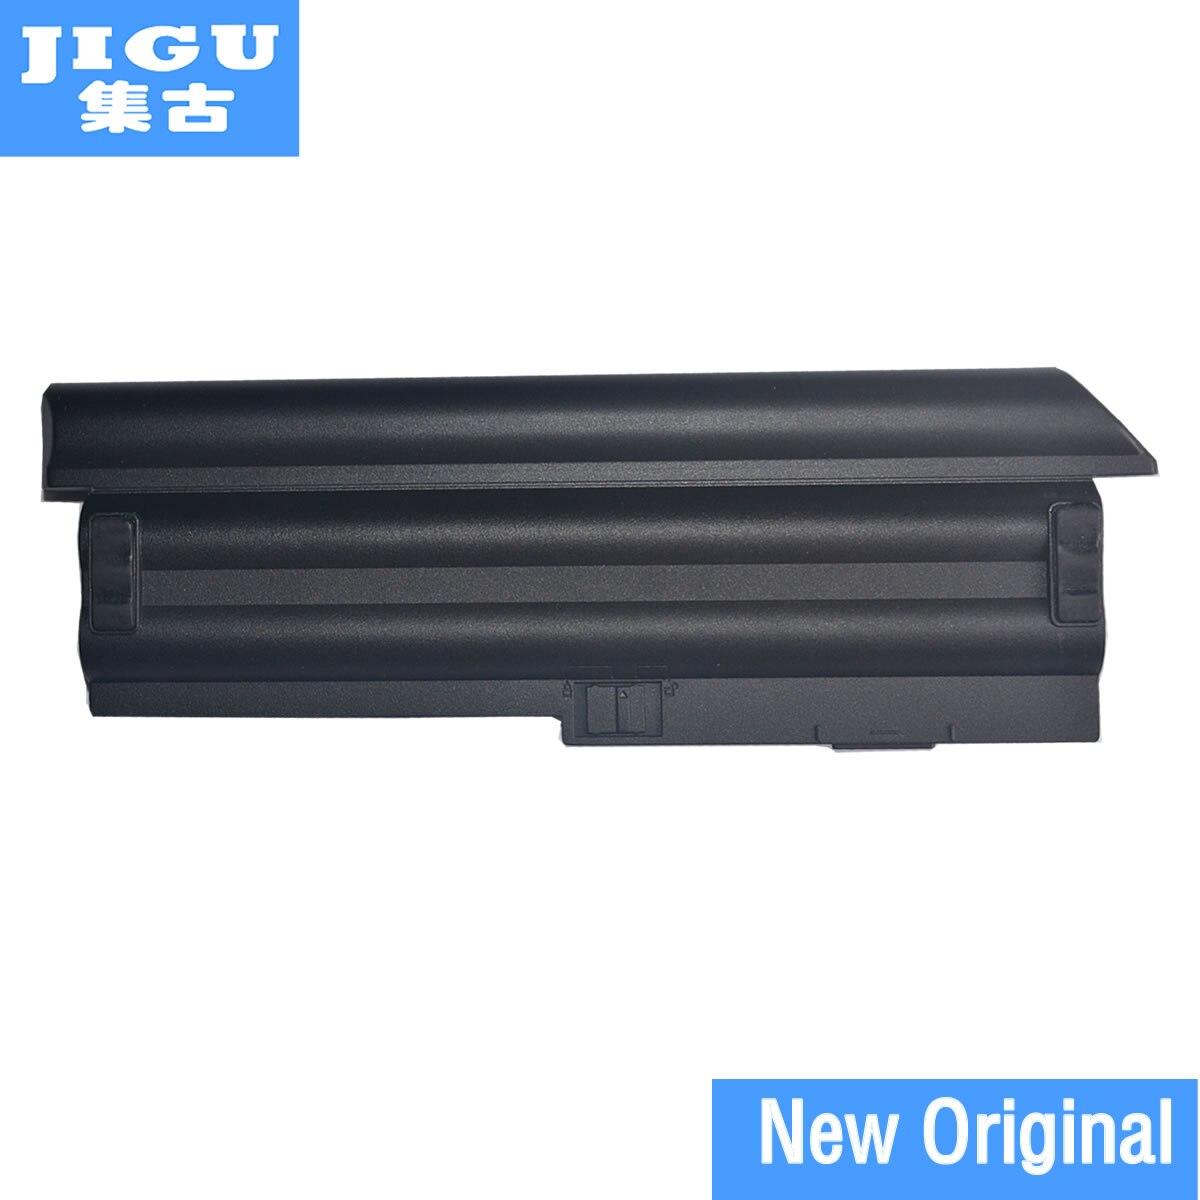 JIGU livraison gratuite 0A36282 42T4873 42T4875 42T4940 42T4941 D'origine batterie d'ordinateur portable Pour Lenovo ThinkPad X220 x220s x220i 9 cellules